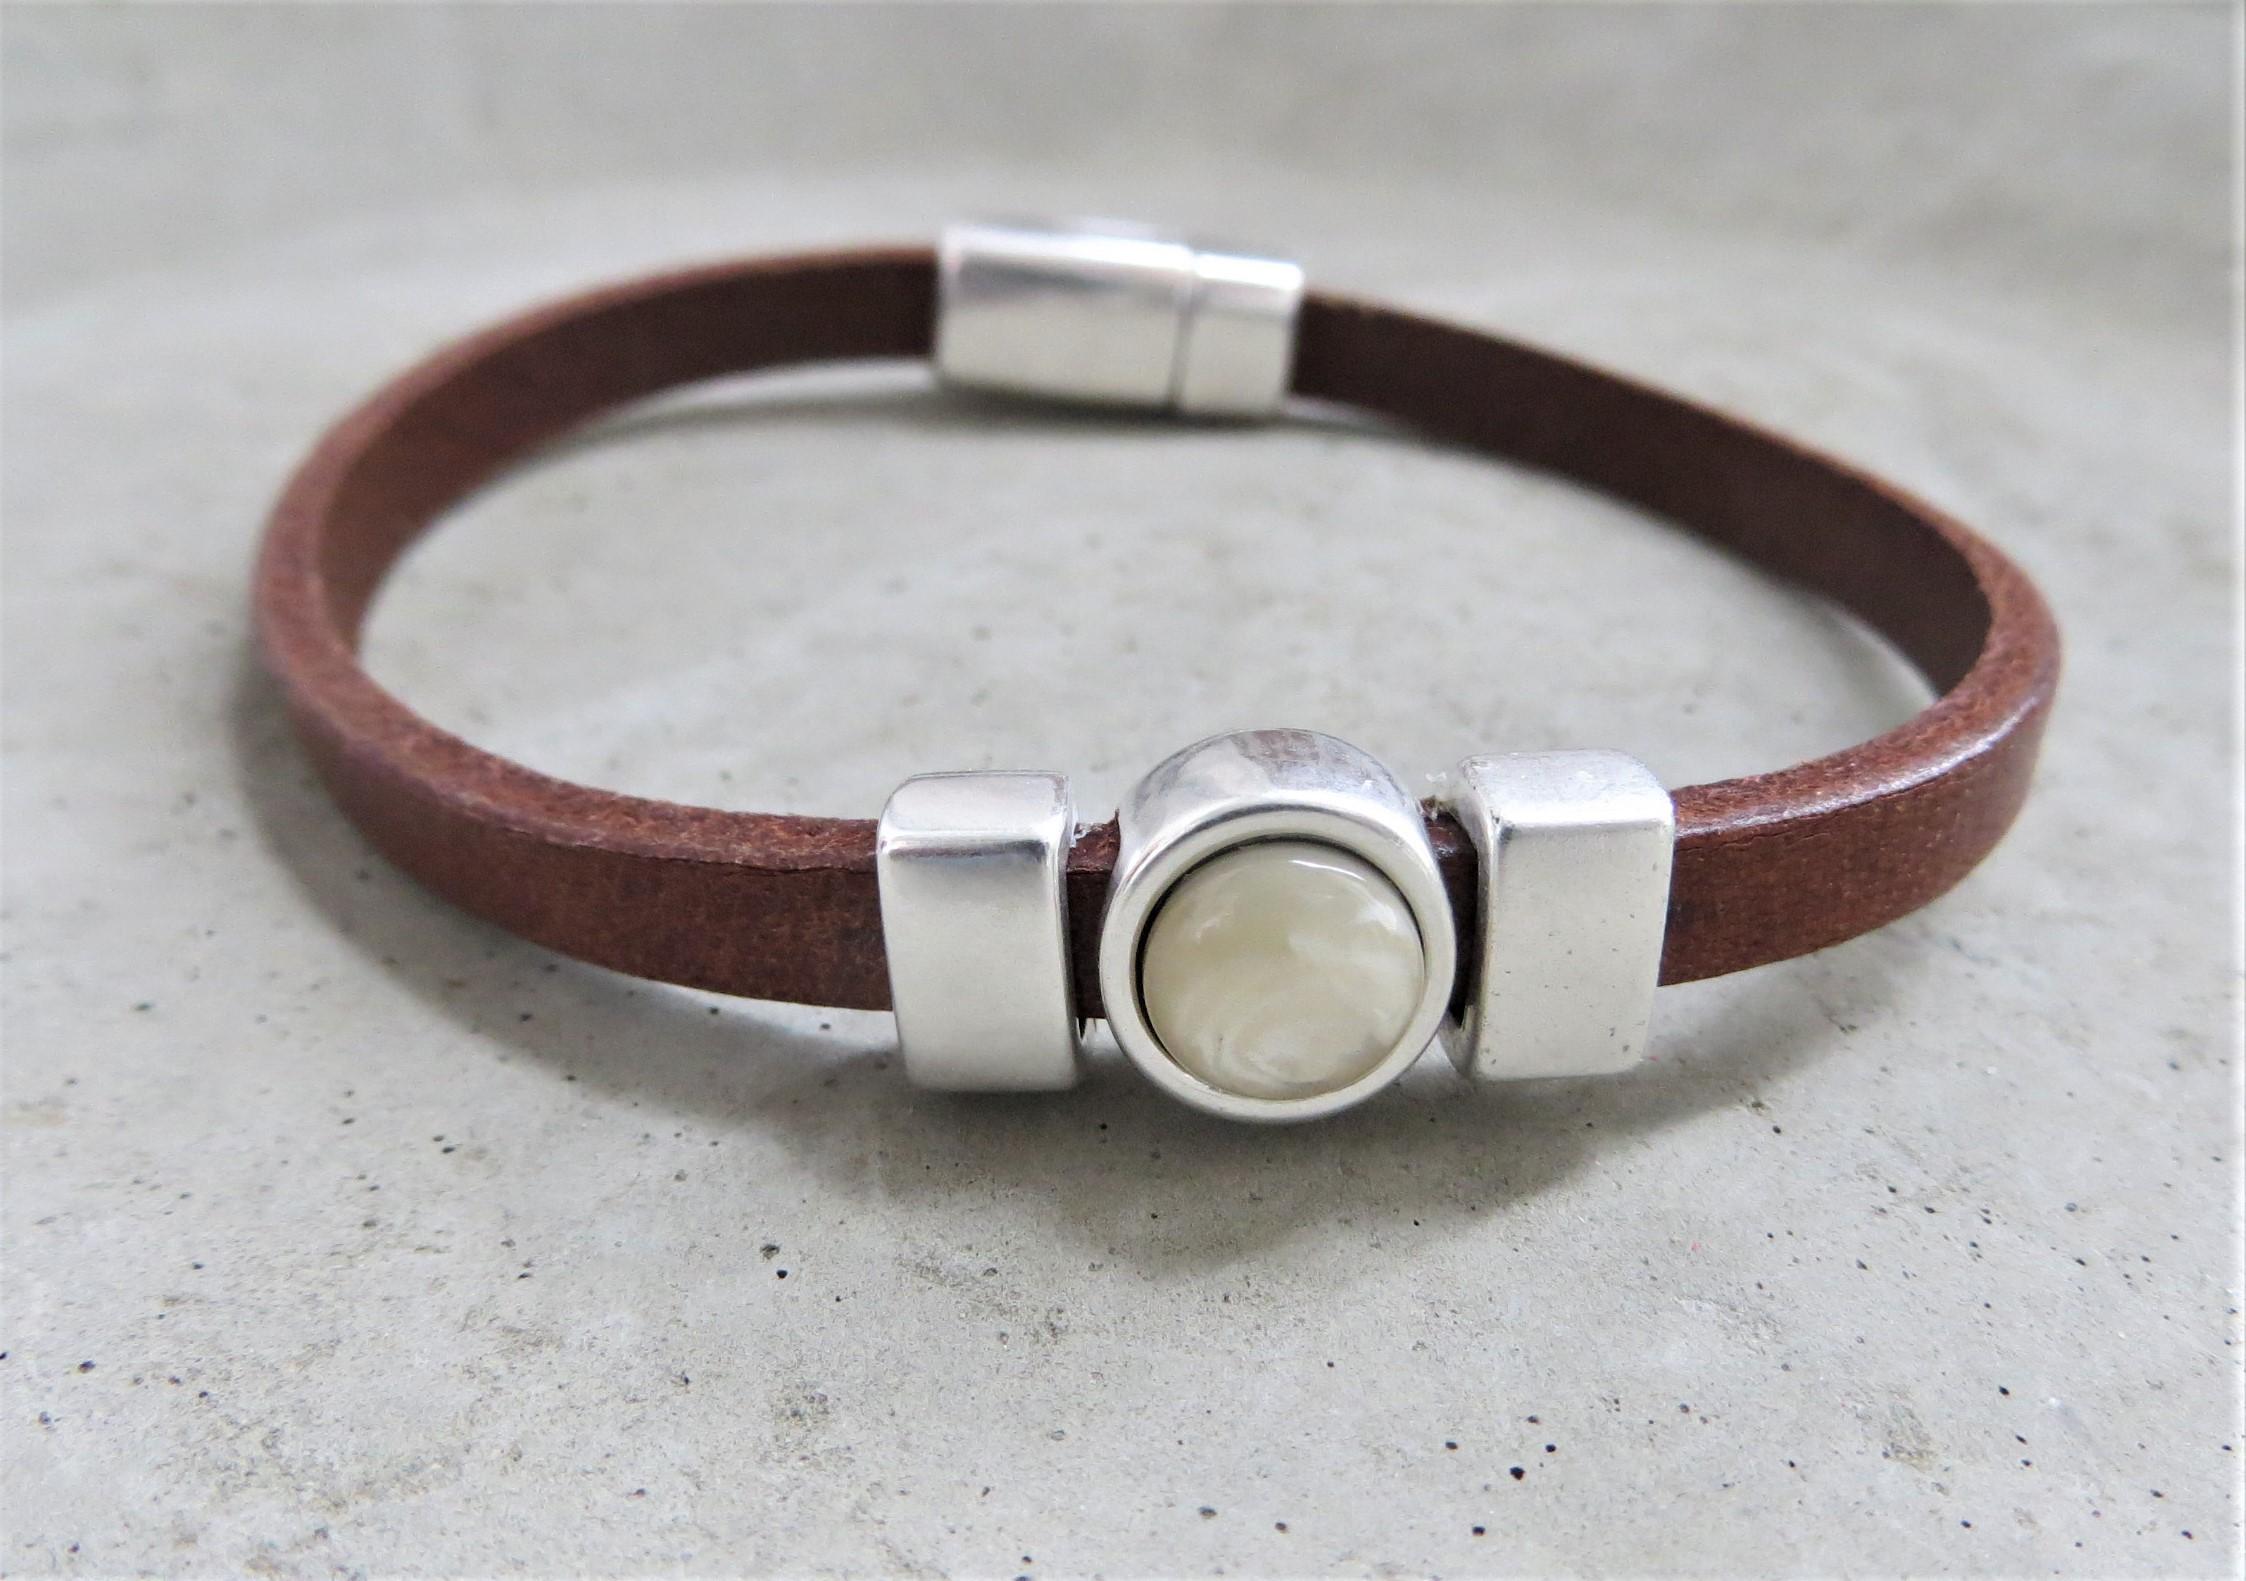 Armbaender für Frauen - QOSS Armband CHARLOTTE Braun Creme M  - Onlineshop Tante Emmer